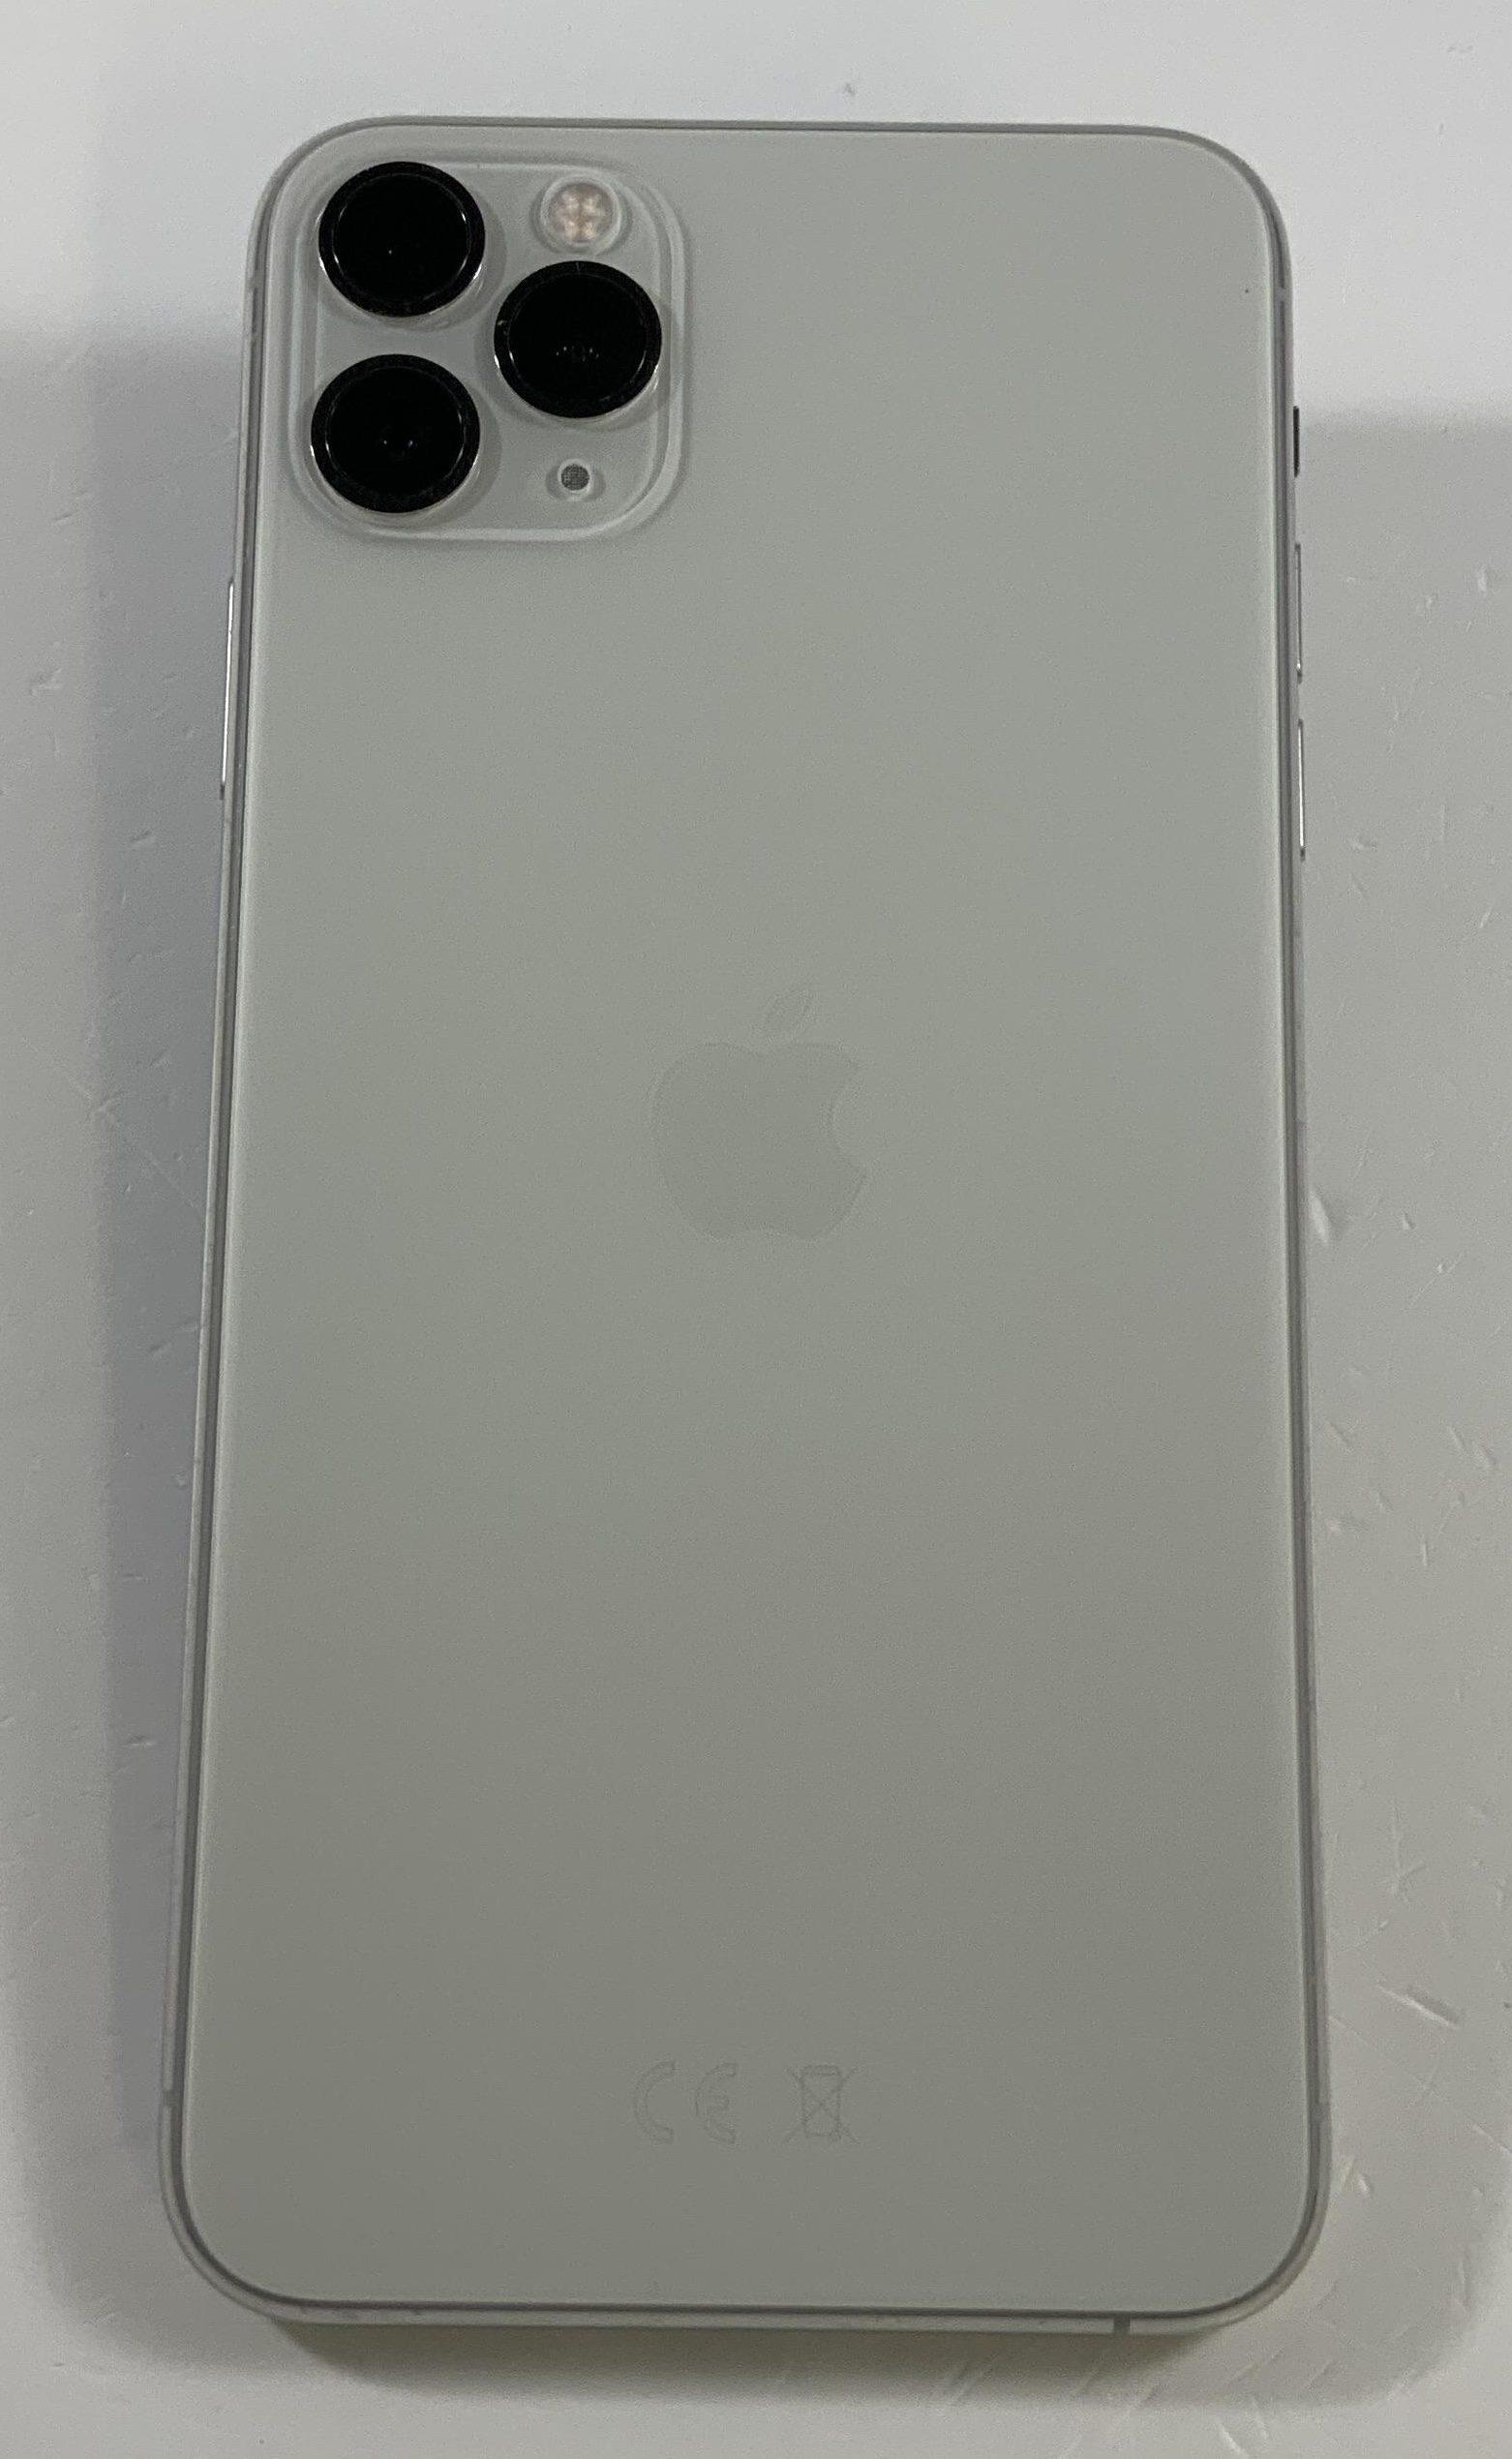 iPhone 11 Pro Max 64GB, 64GB, Silver, immagine 2